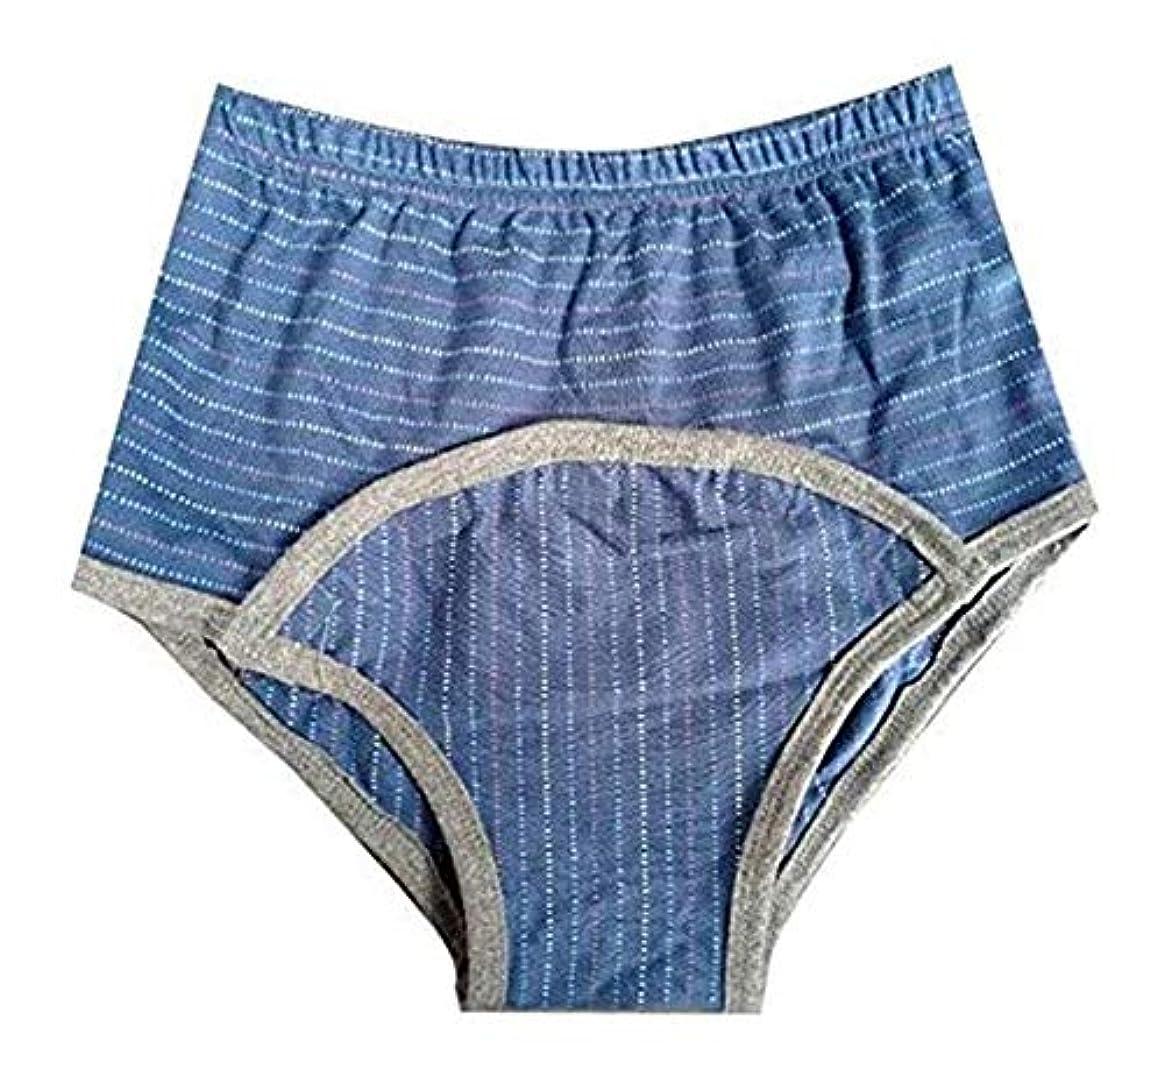 寛容なガイドライン留まる再利用可能な尿失禁用下着 - マン&ウーマンのために洗える膀胱コントロールブリーフ - 特別、失禁パンツニーズ1 820 (Color : 3, Size : S)